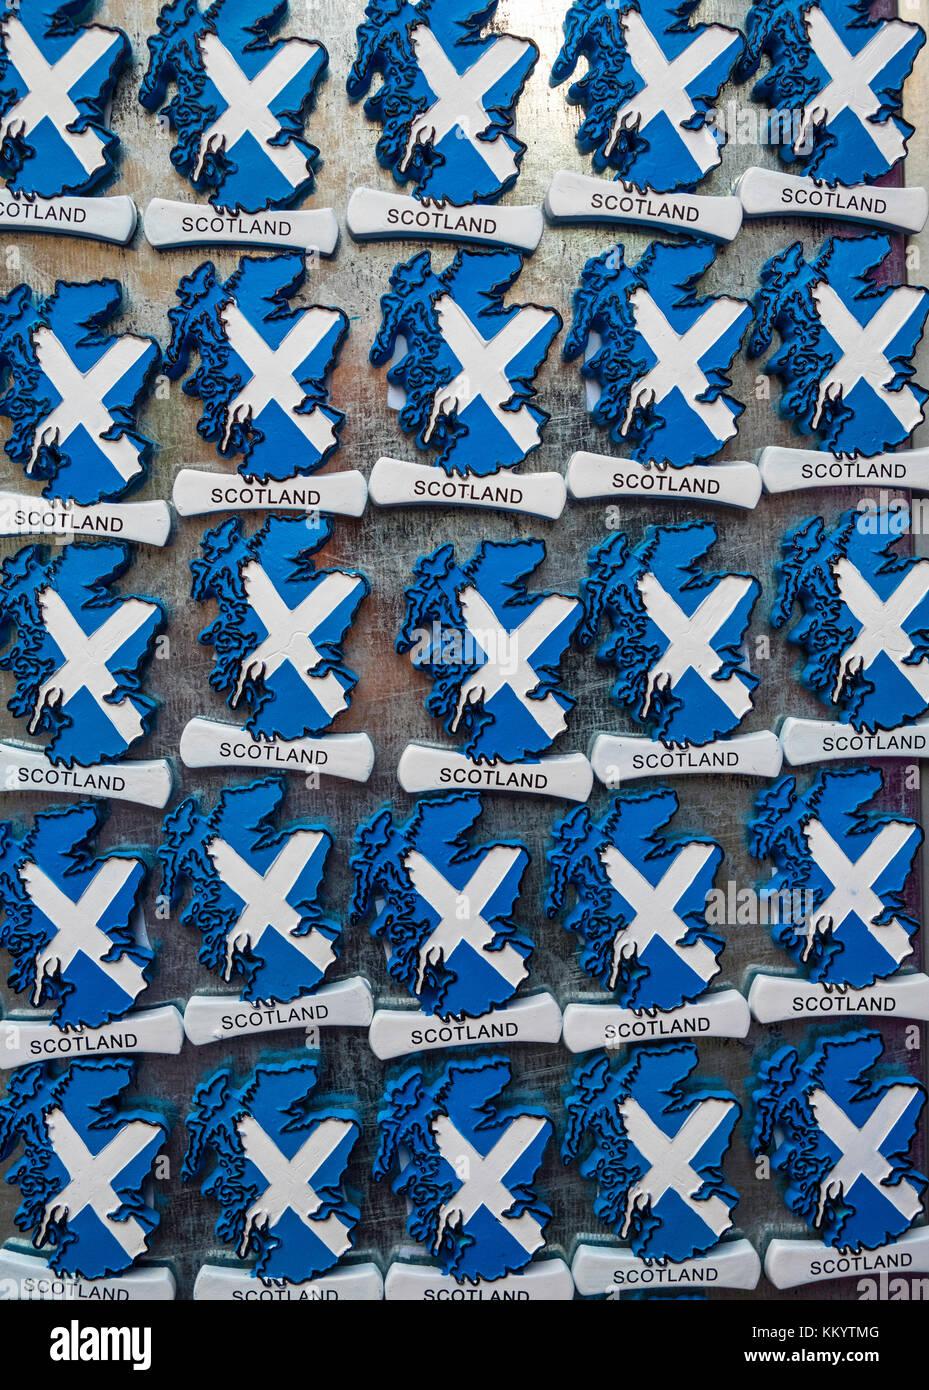 Beaucoup d'aimants en forme de carte avec drapeau écossais pour la vente en boutique de cadeaux touristiques Photo Stock